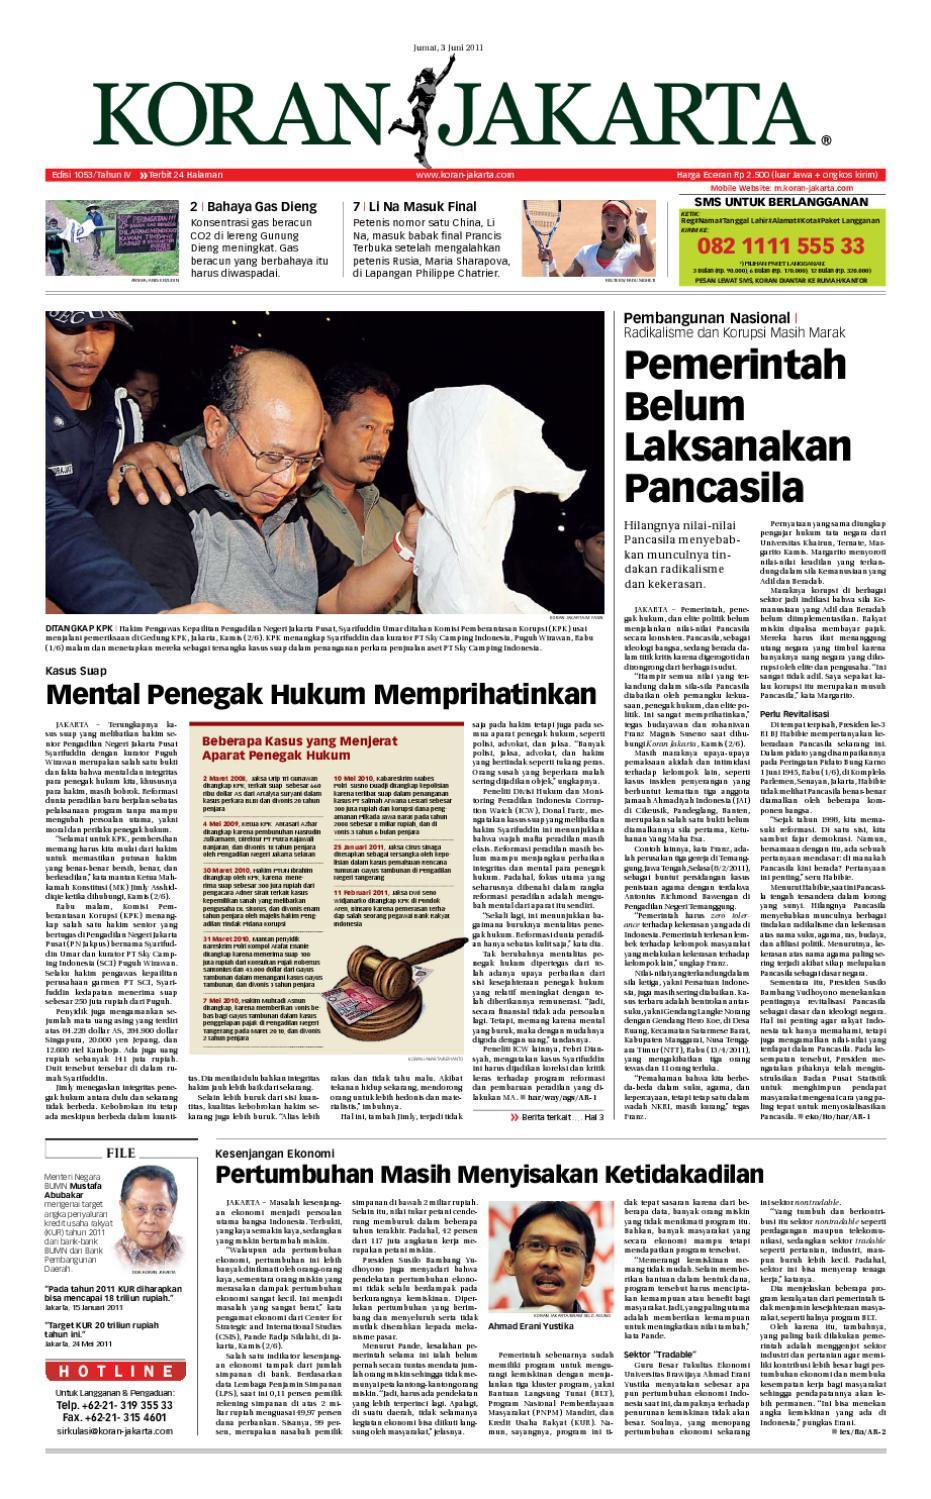 Si Digital 24042013 By Seputar Indonesia Issuu Liquid 100 Ribu 4 Mrc Mira Support Tak Takut Cukai 57